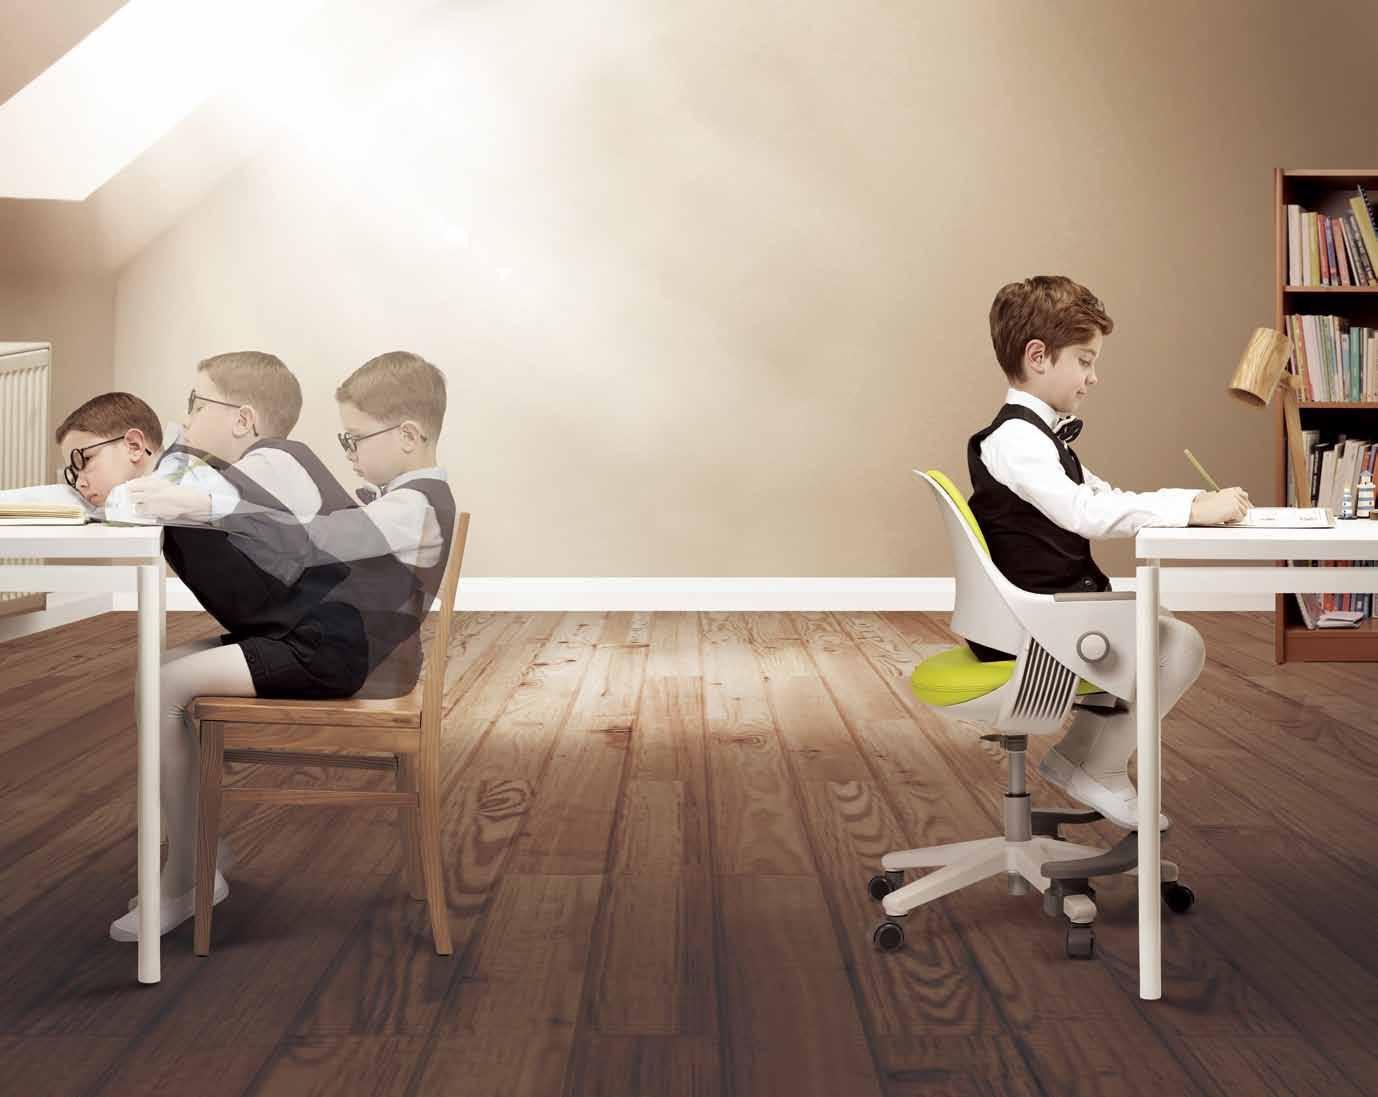 Infantil Niños Silla De RingoExclusiva Mobiliario Oficina Para y8nOPv0wmN